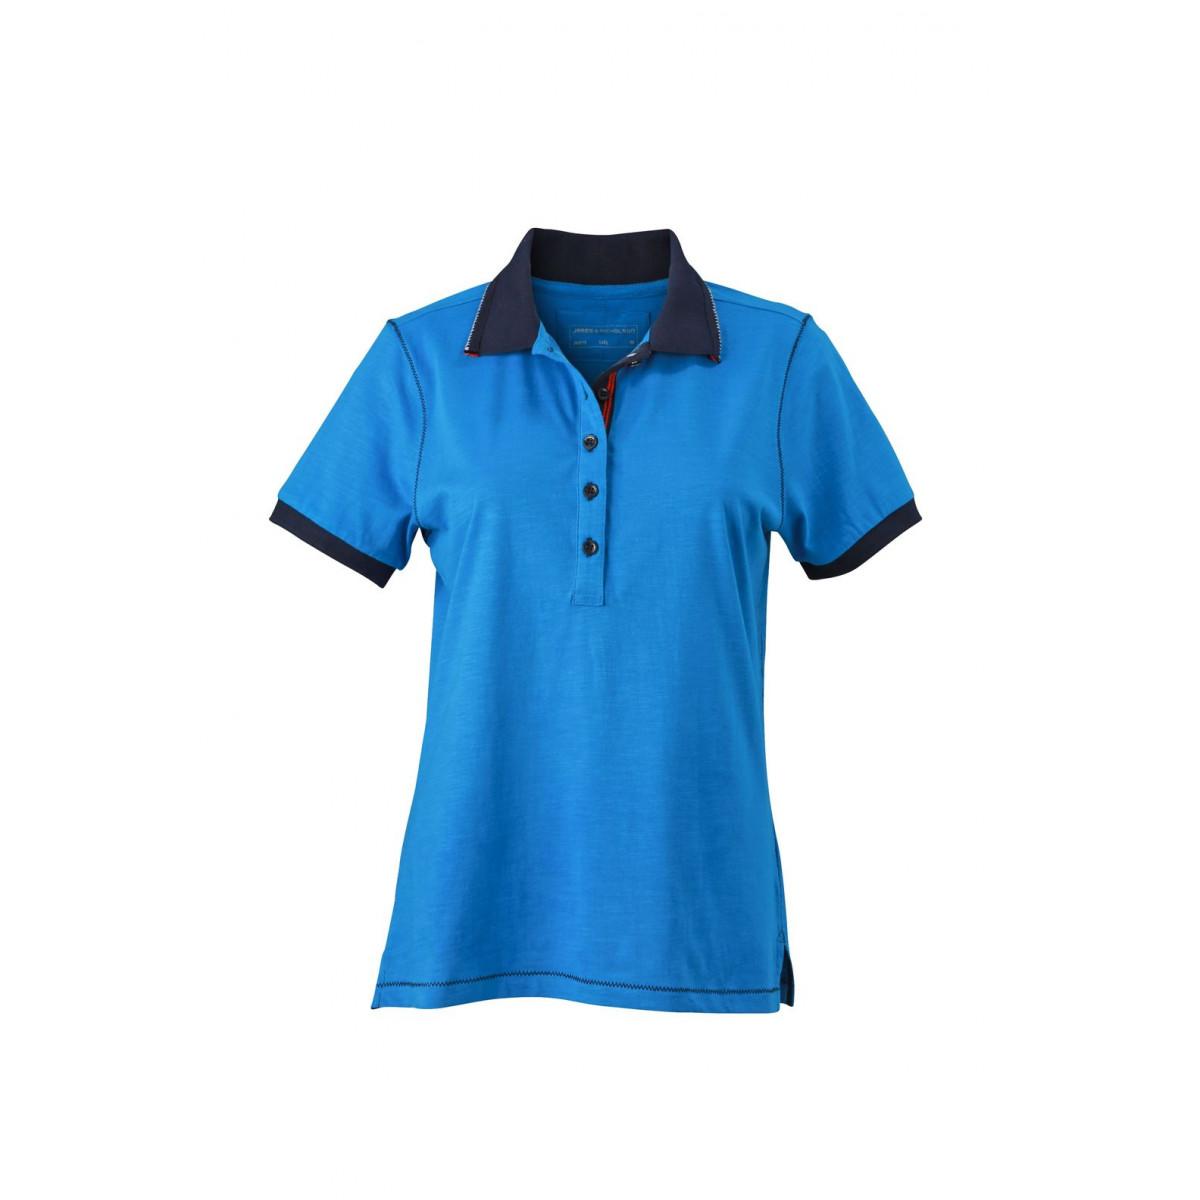 Рубашка поло женская JN979 Ladies Urban Polo - Ярко-синий/Темно-синий